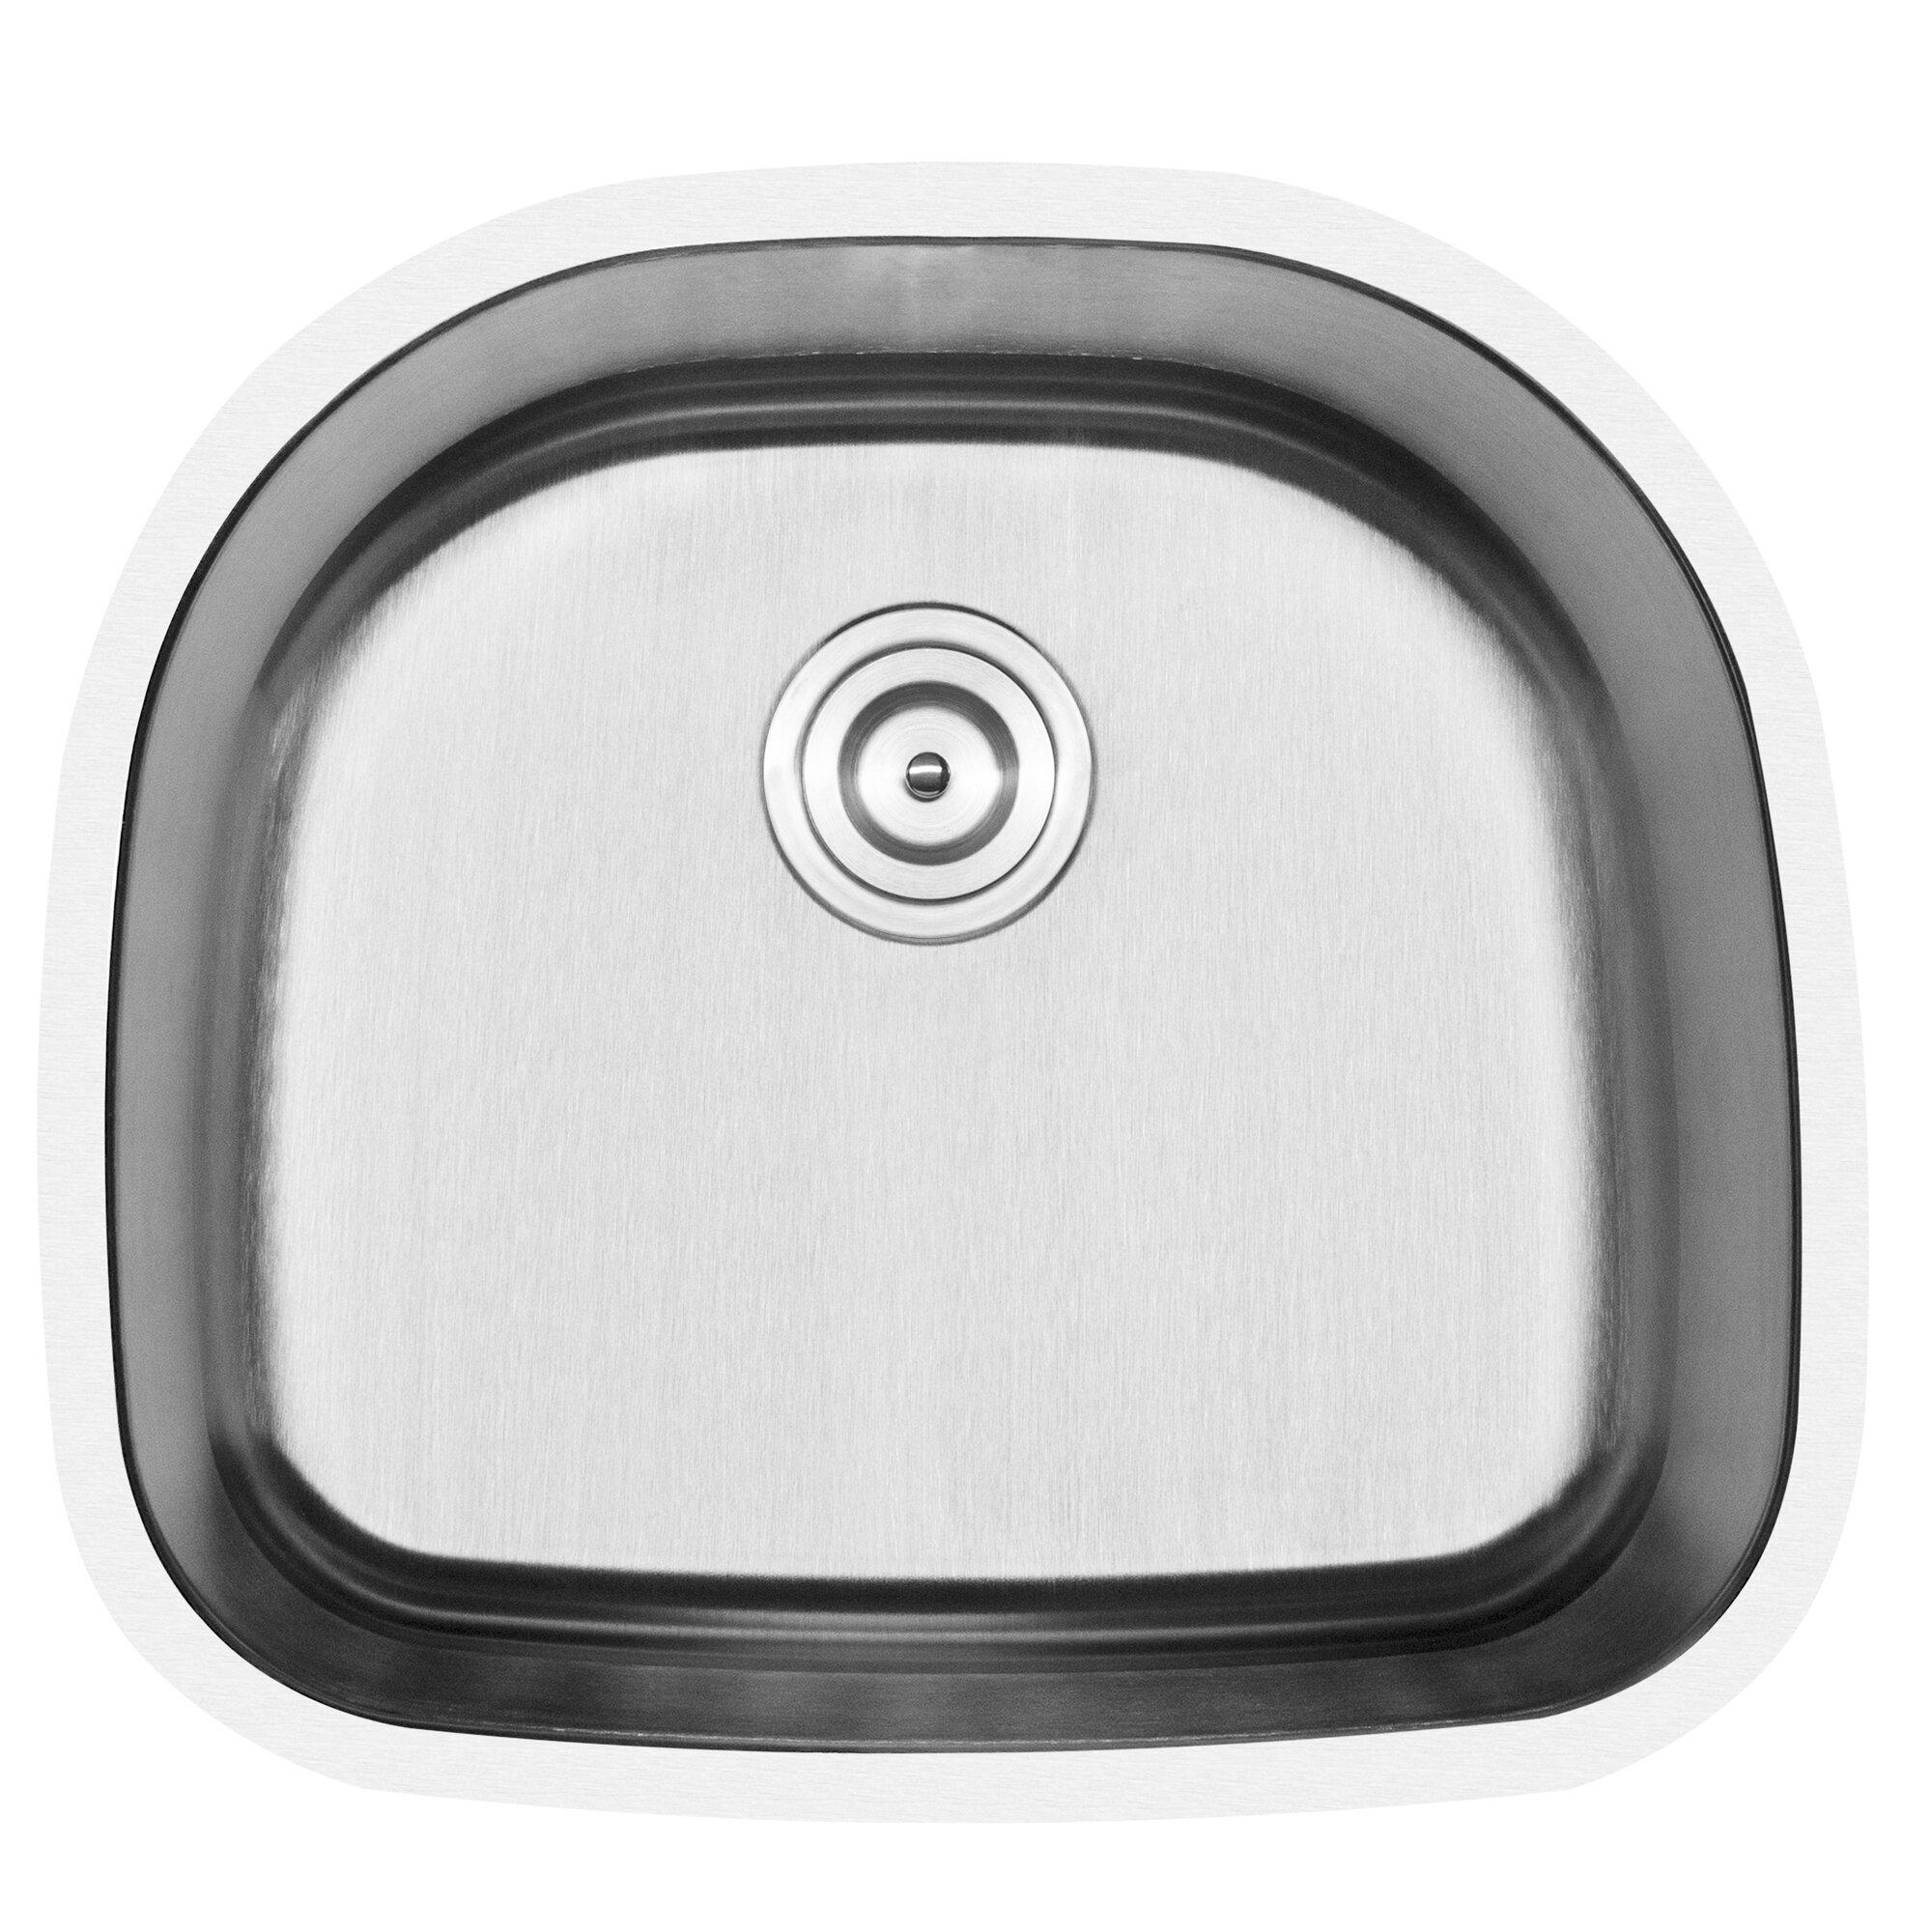 Phoenix Foster Series Stainless Steel 23 5 L X 21 W Undermount Kitchen Sink Wayfair